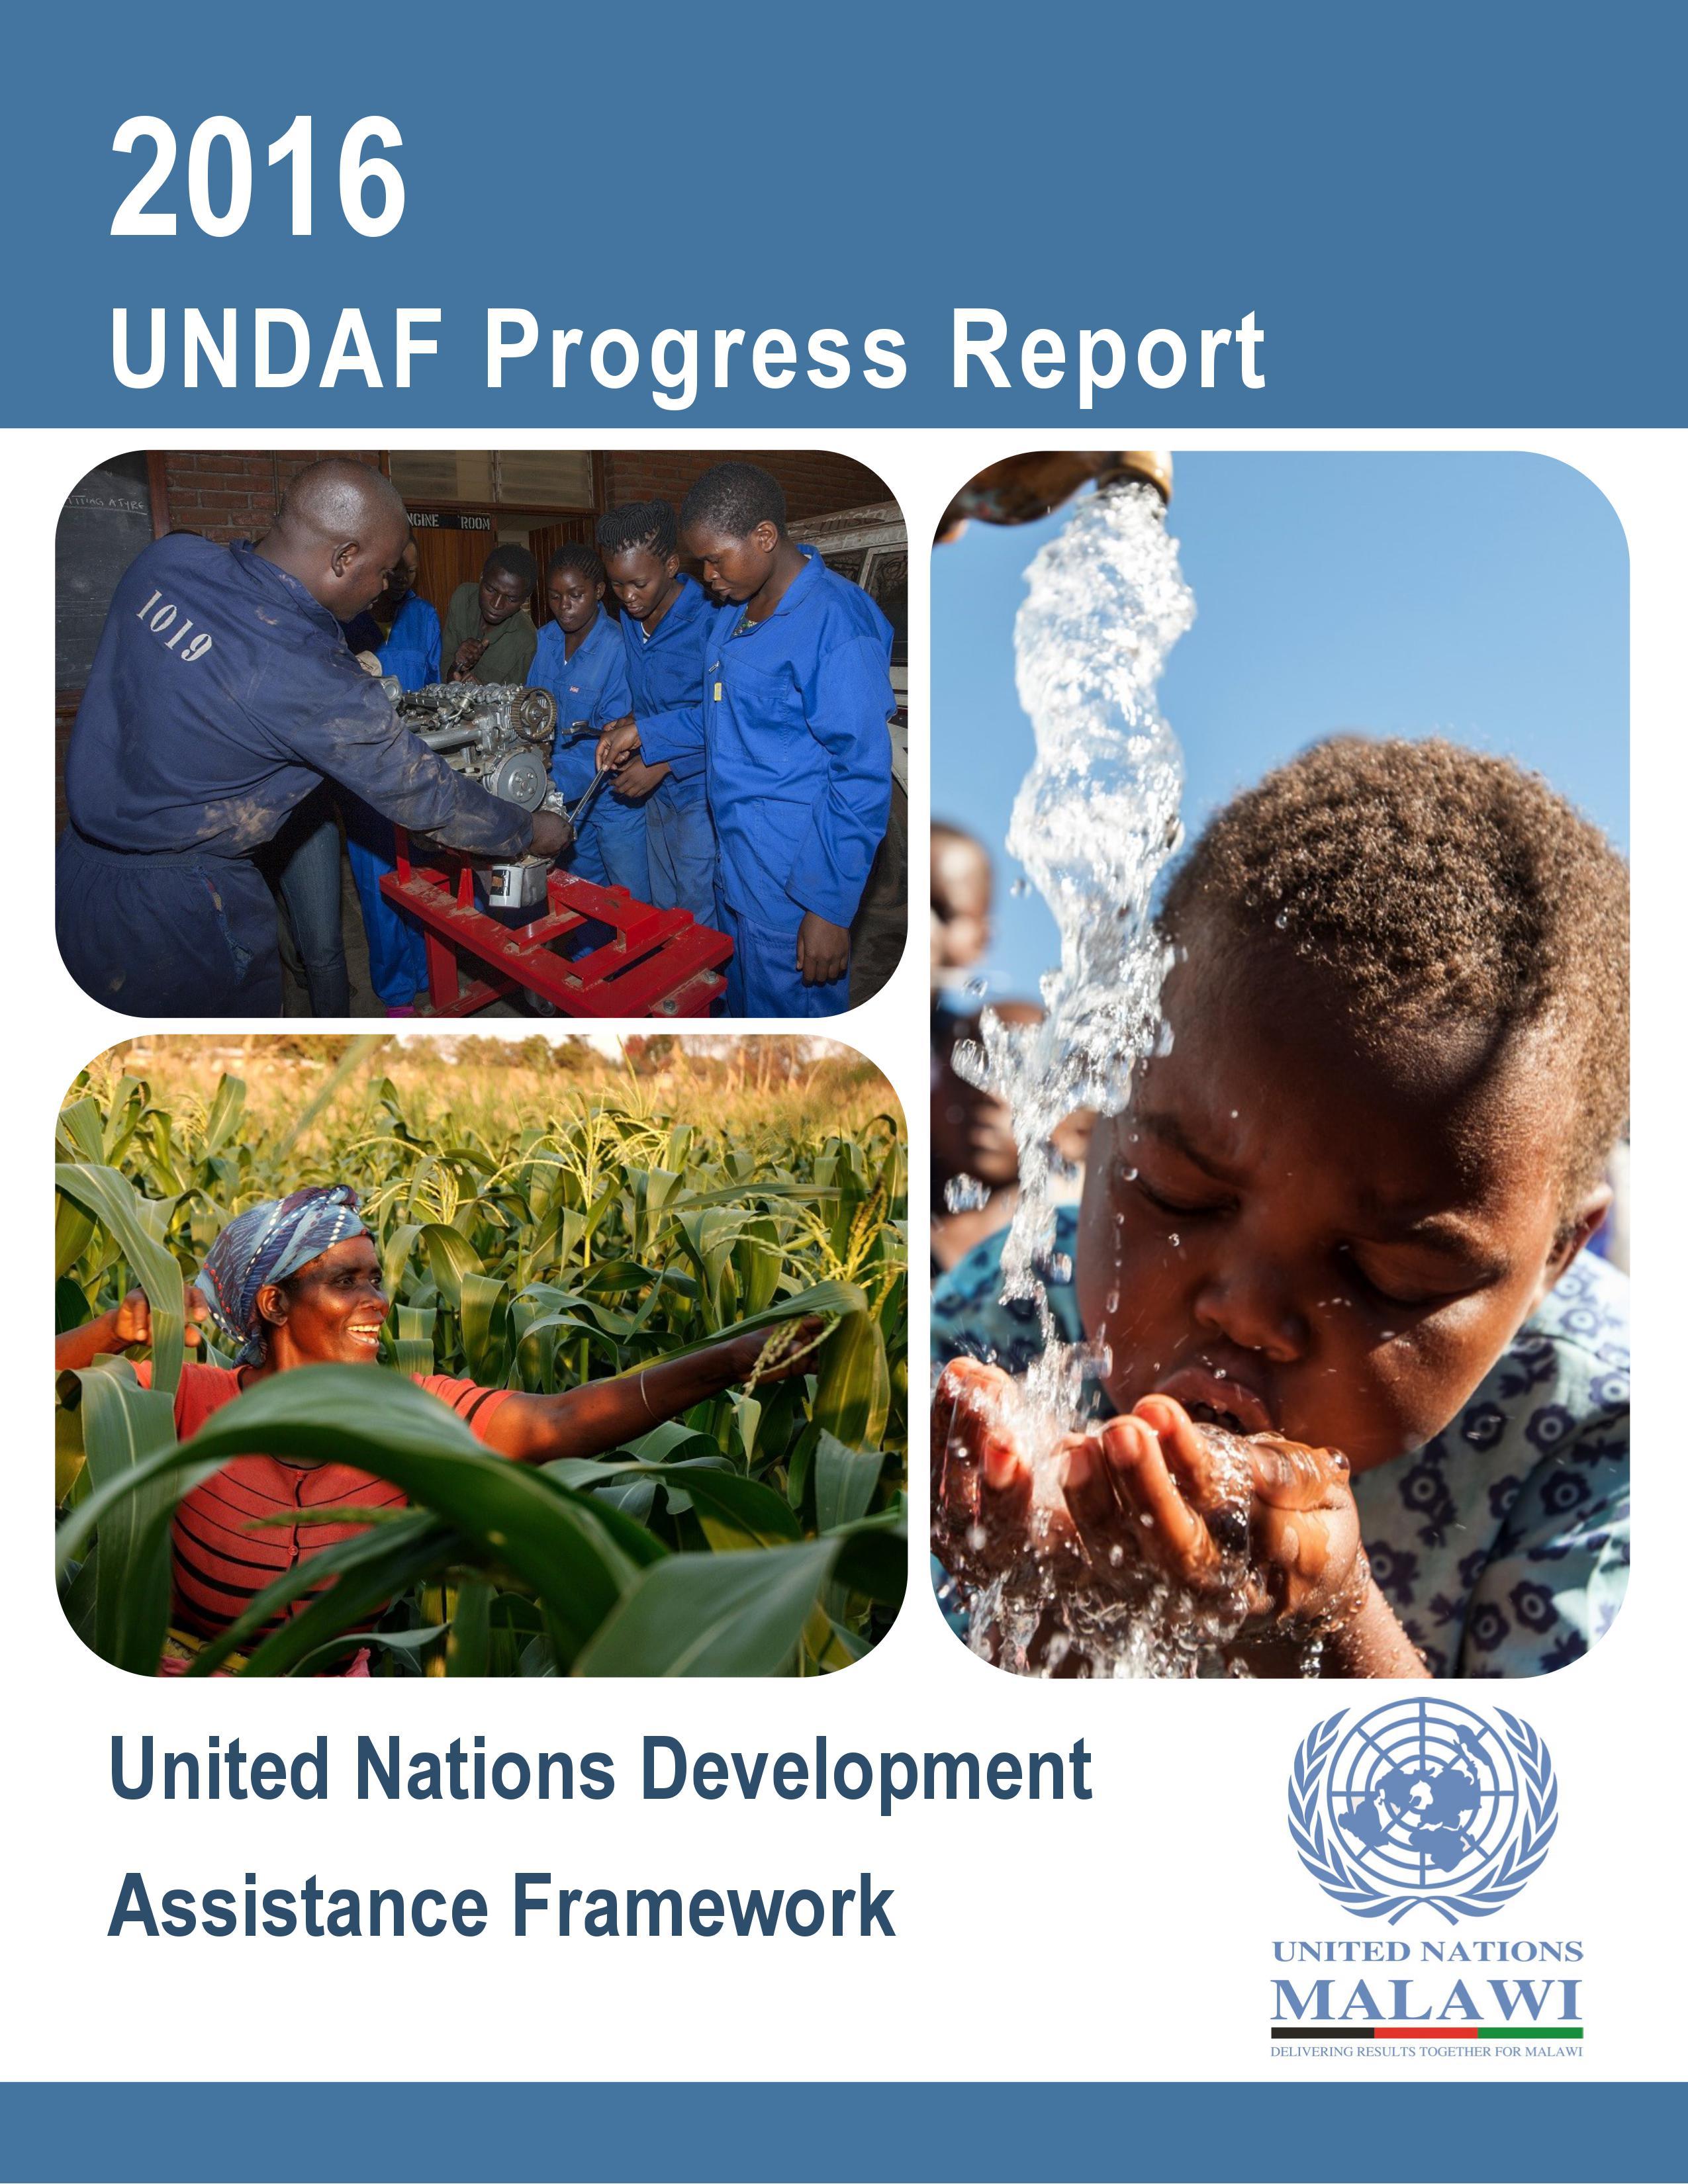 2016 Annual Report for UN Malawi